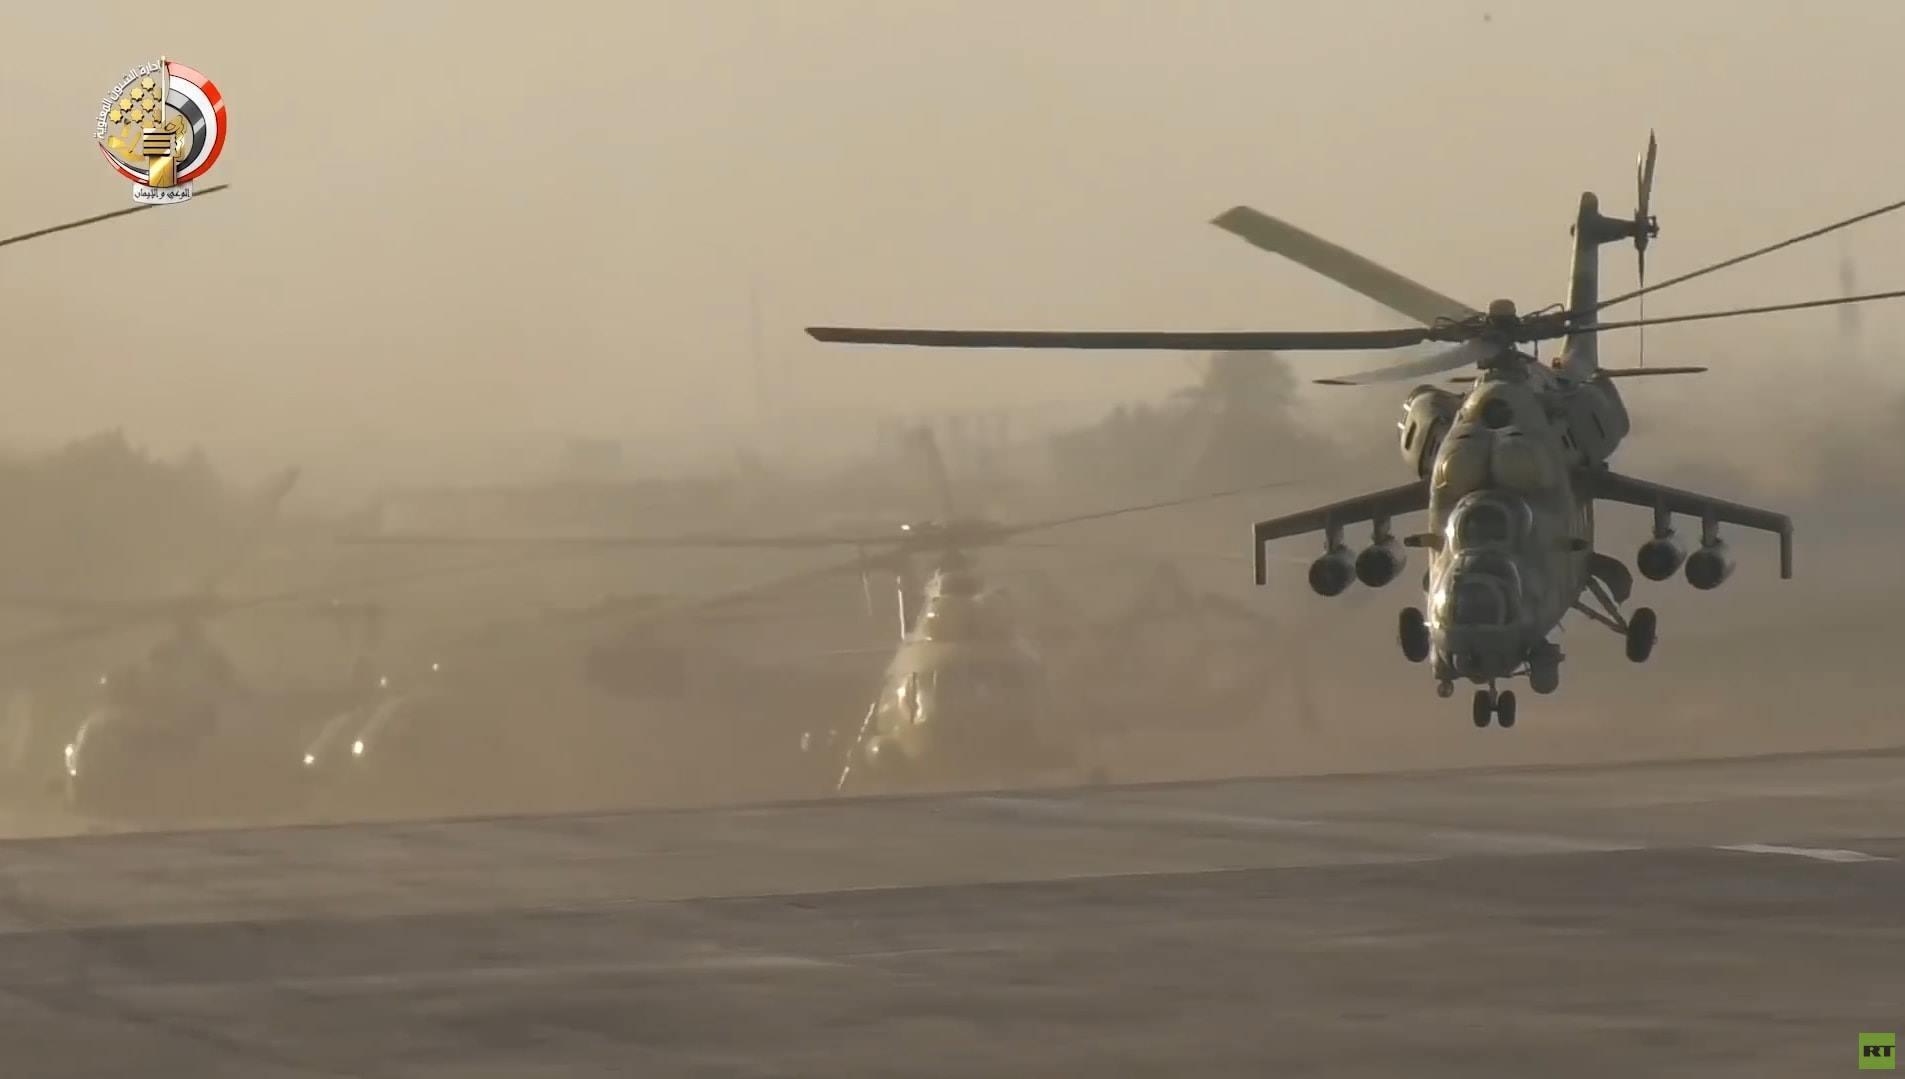 مروحيات ومقاتلات روسية متطورة تظهر لدى الجيش المصري (صور)